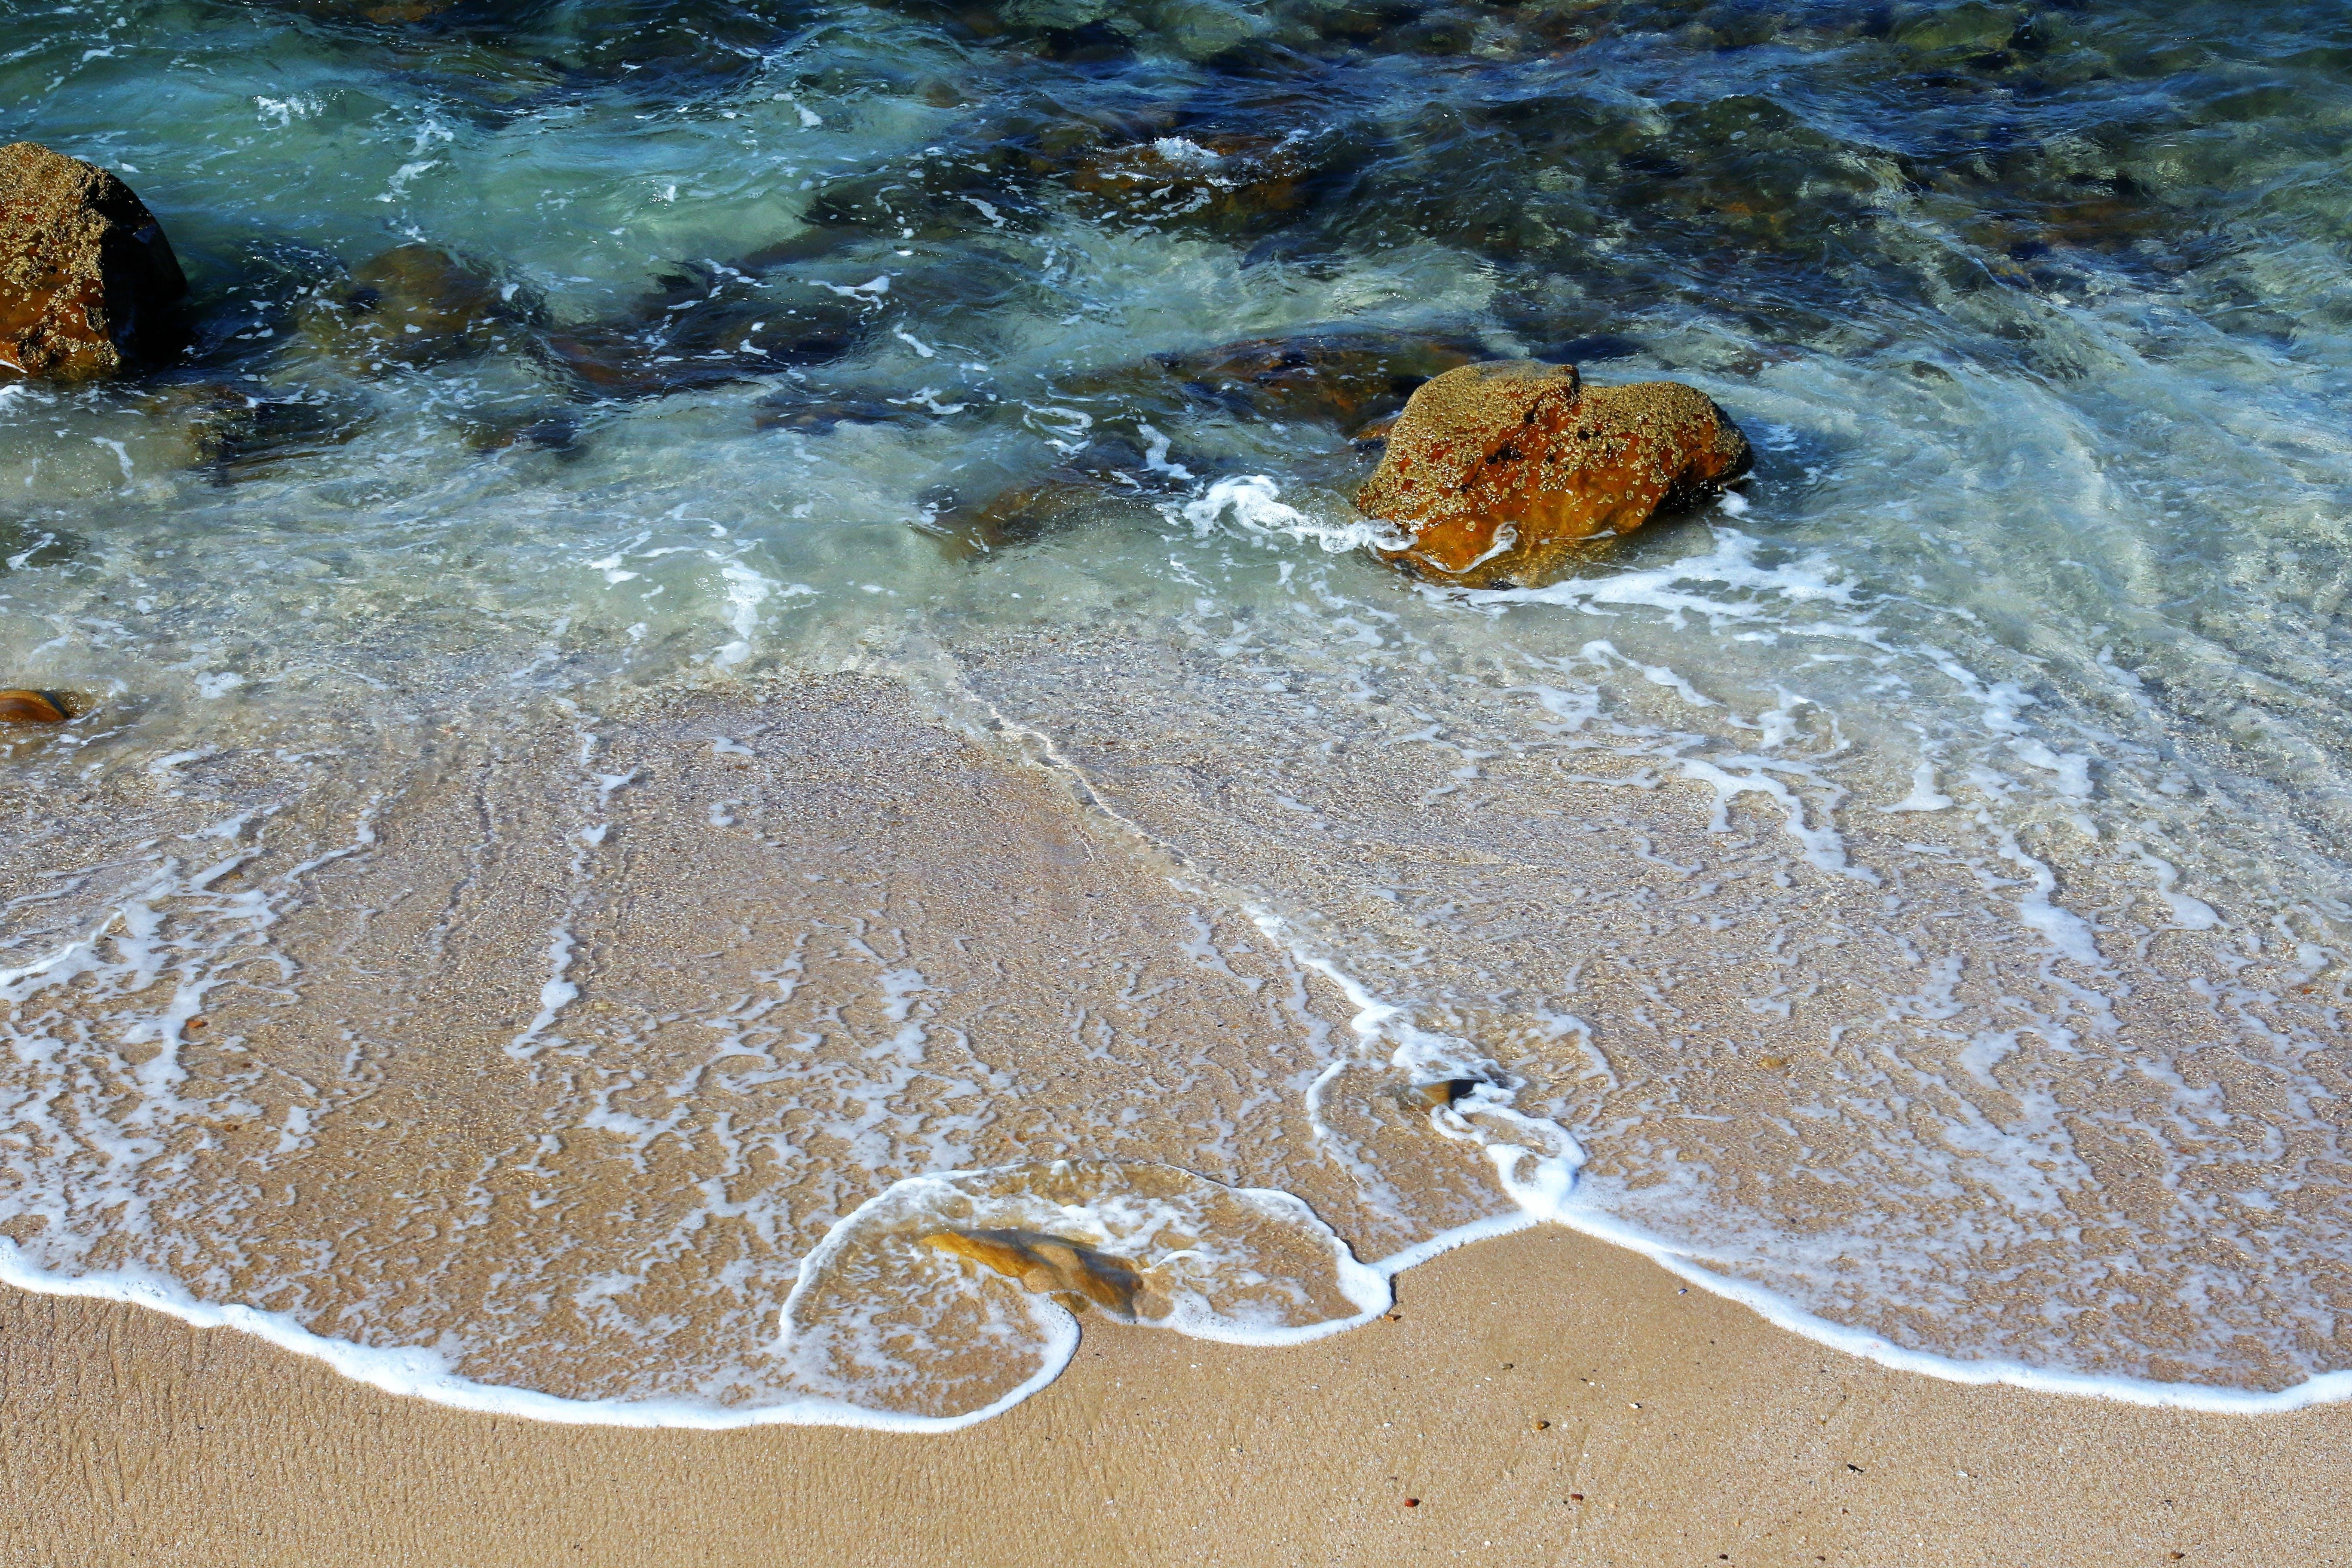 Δωρεάν στοκ φωτογραφιών με άμμος, αφρός της θάλασσας, βουτιά, βράχια